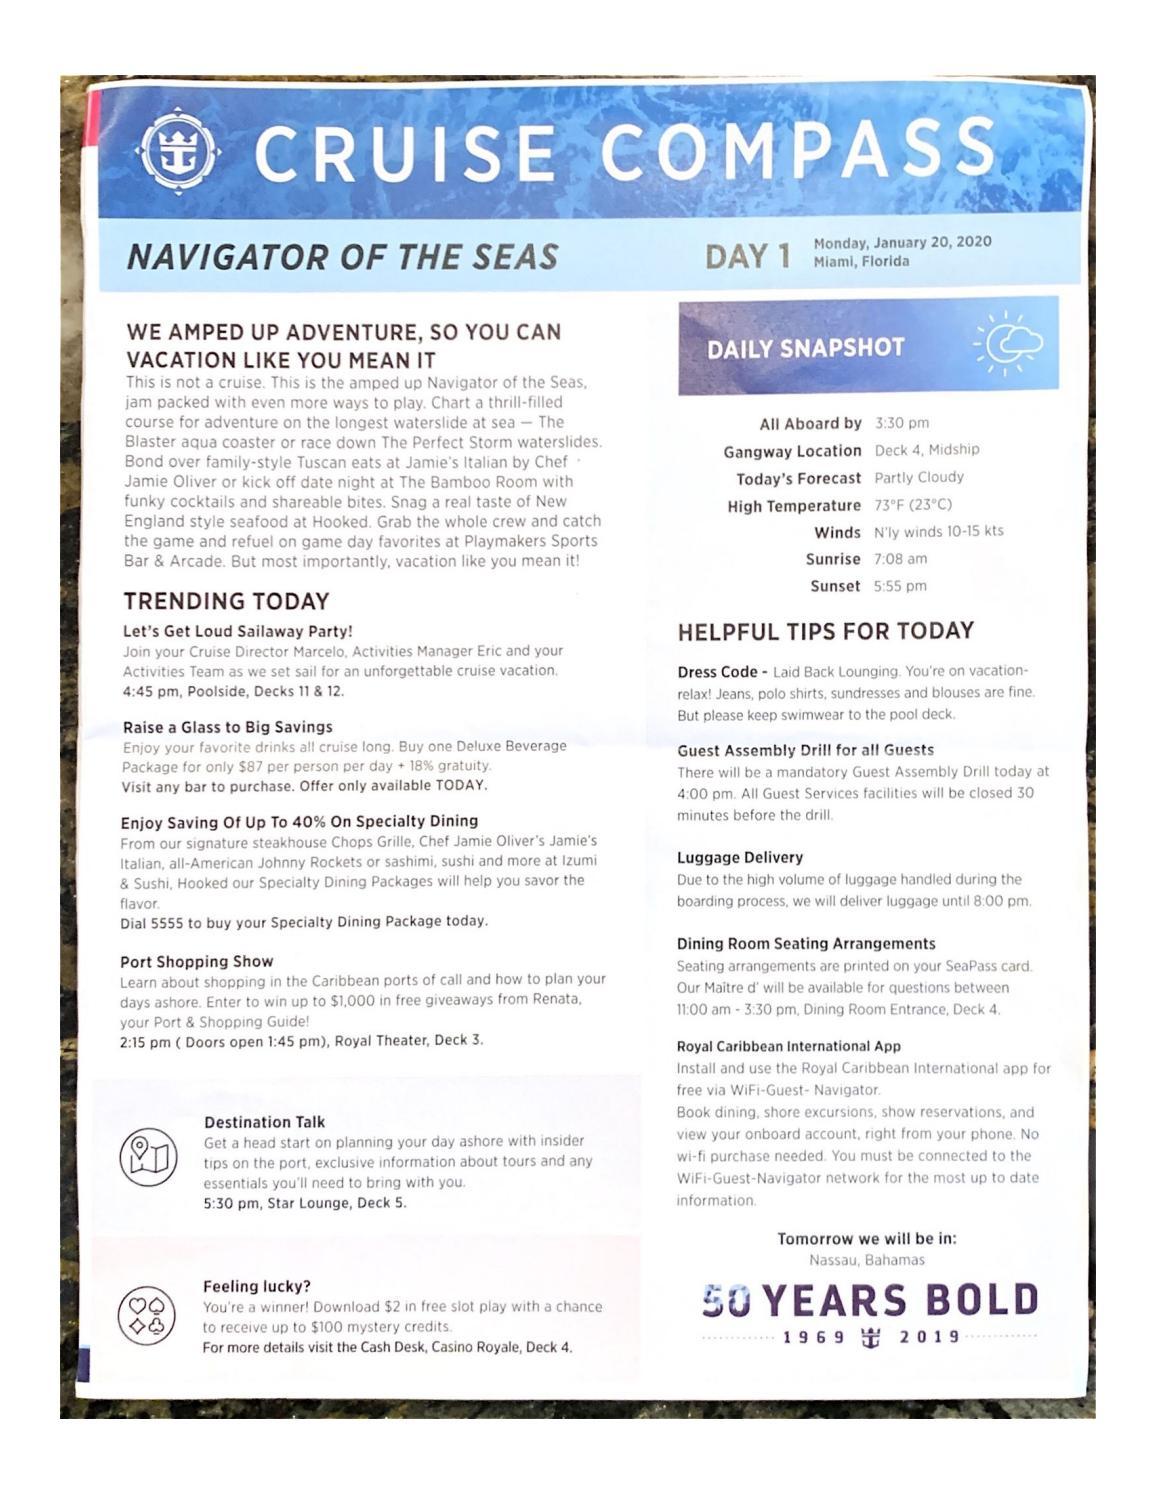 Navigator Of The Seas 4-night Bahamas & Perfect Day At